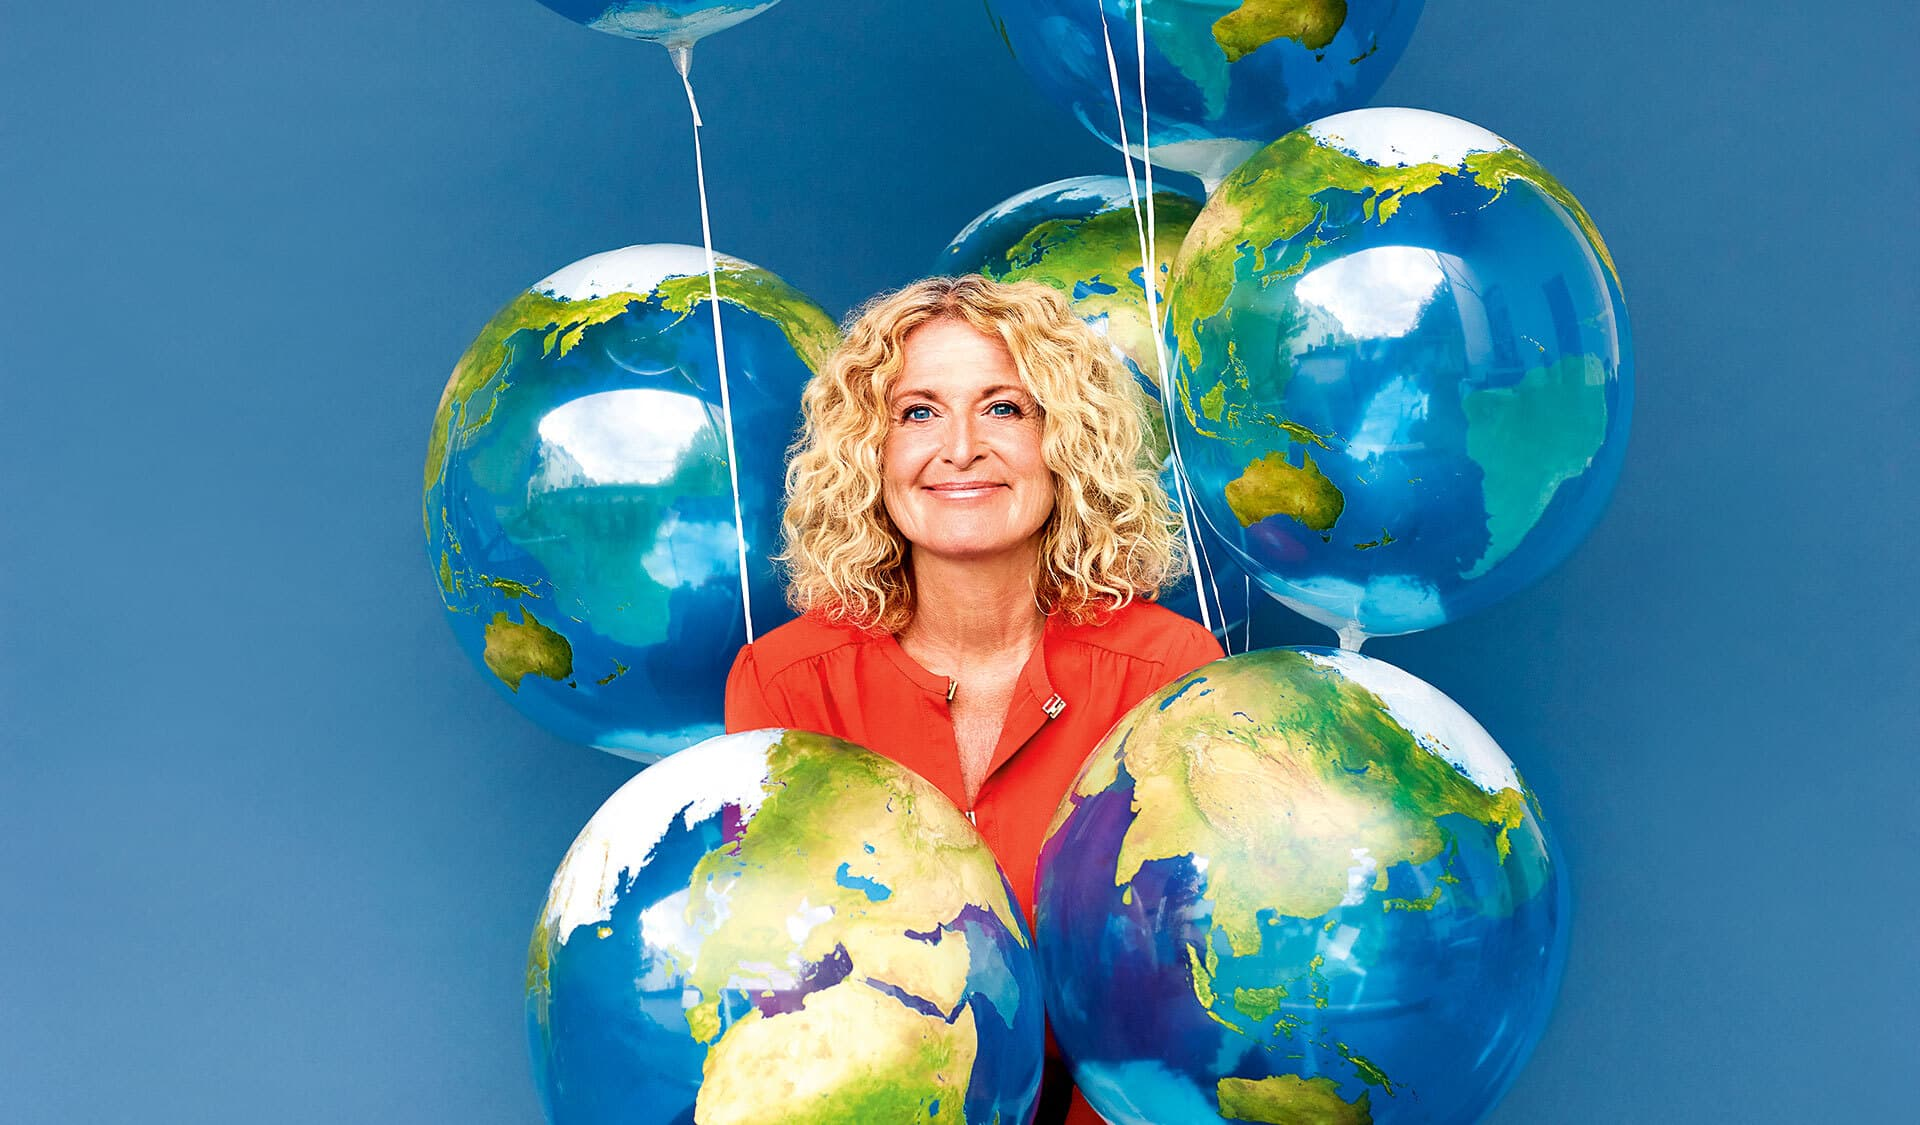 Susanne Fröhlich umgeben von Luftballons, die wie Erdkugeln aussehen